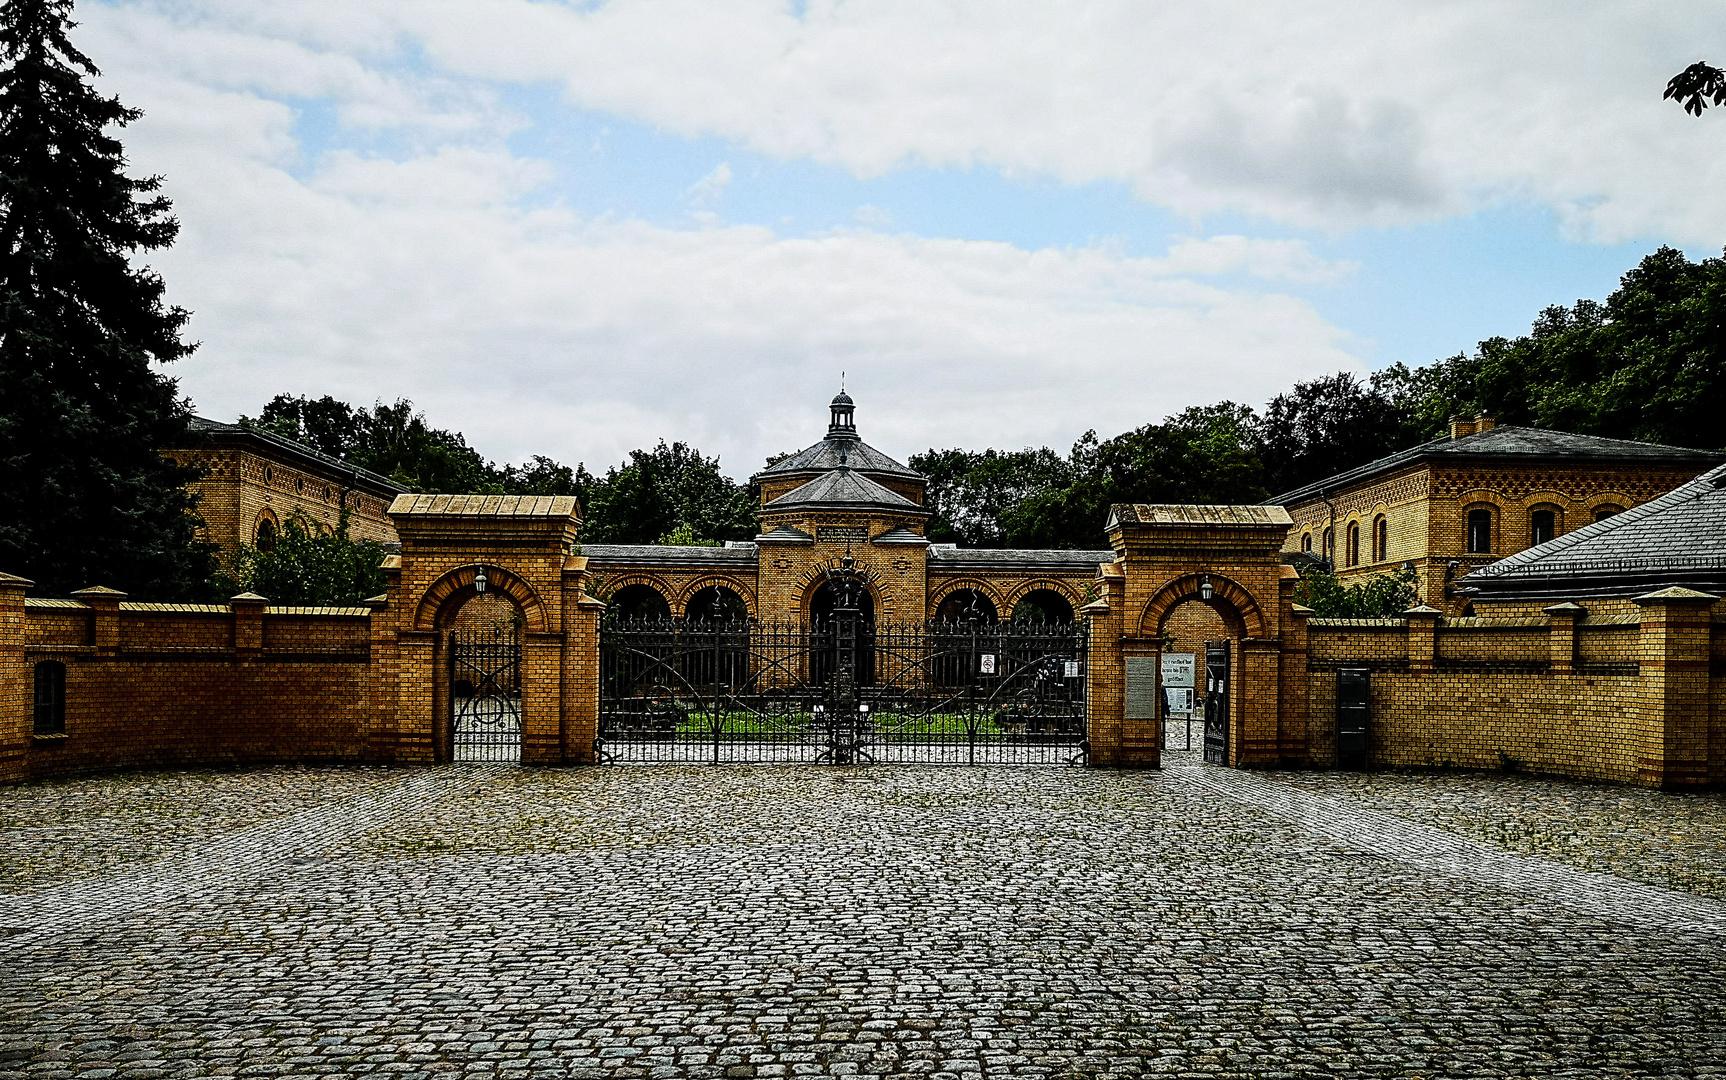 Jüdischer Friedhof Weißensee Foto & Bild | world, berlin